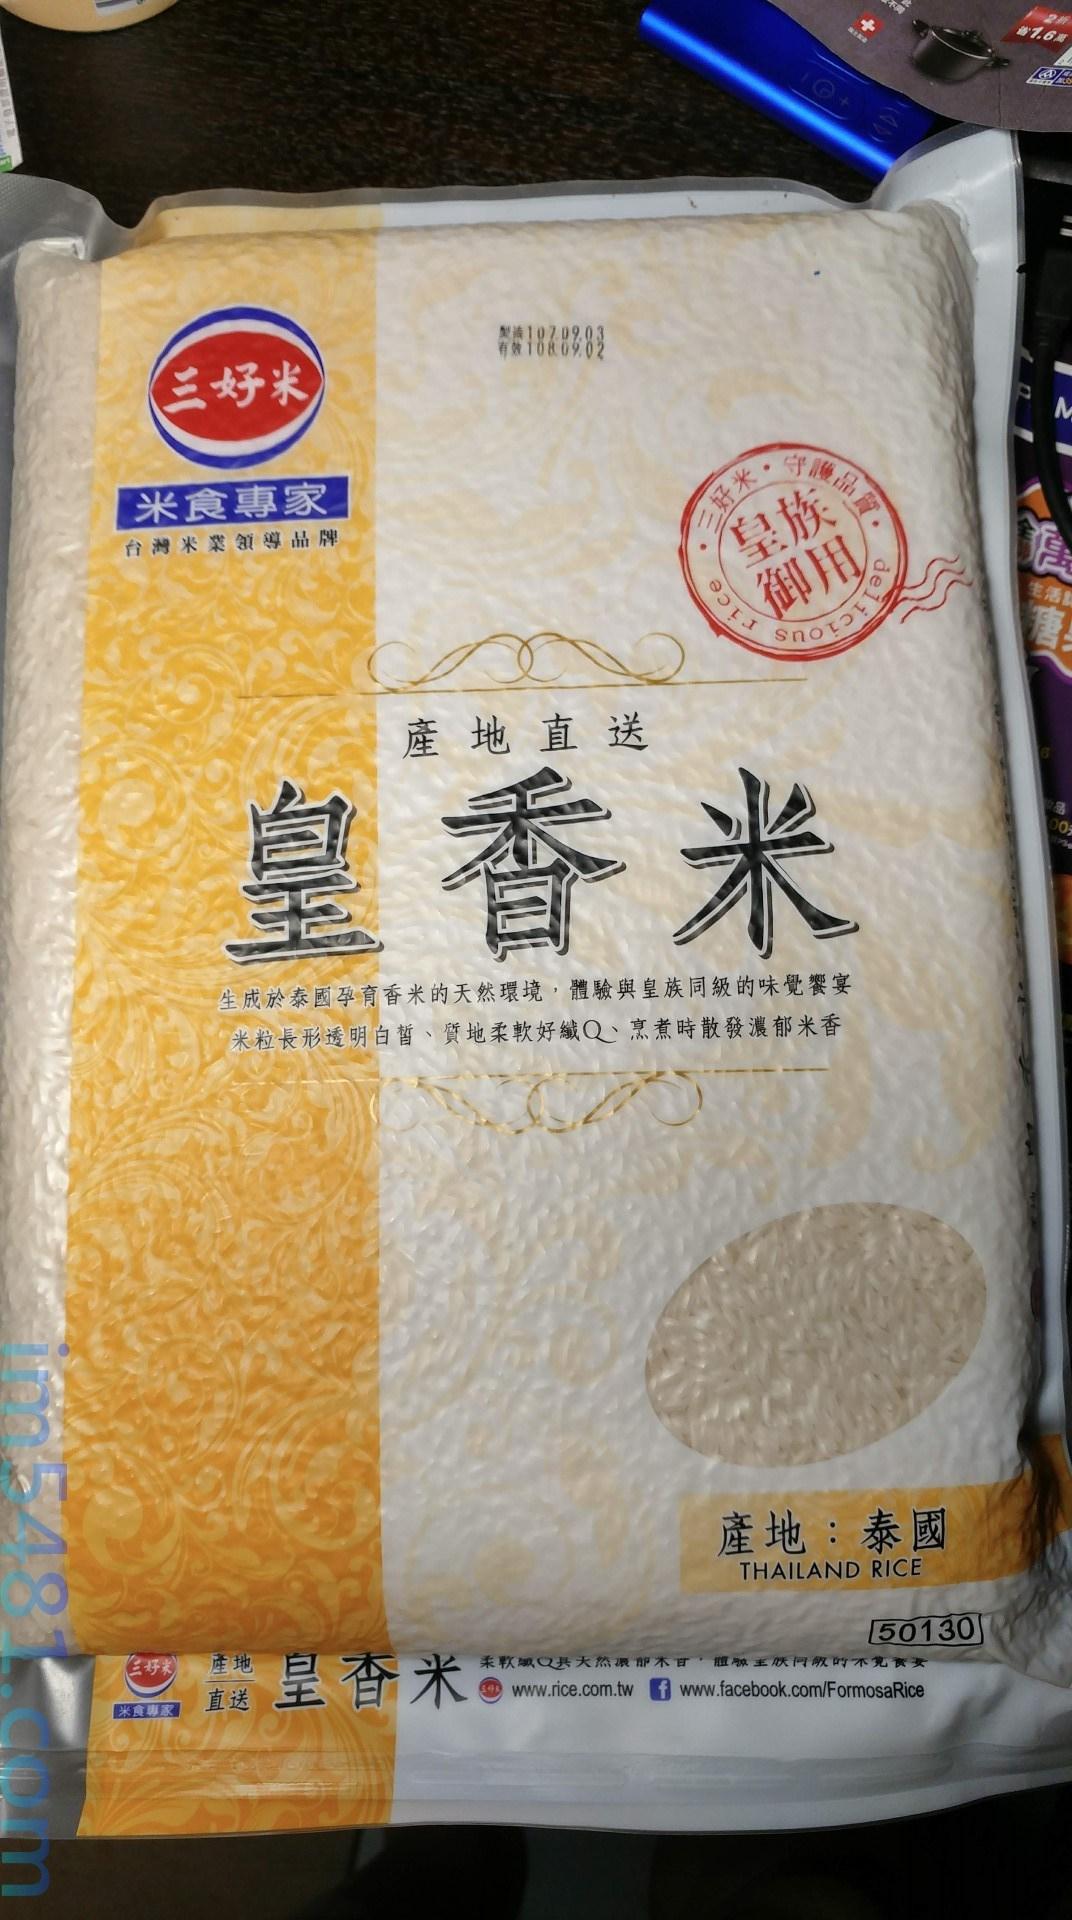 台灣三好米進口的泰國香米